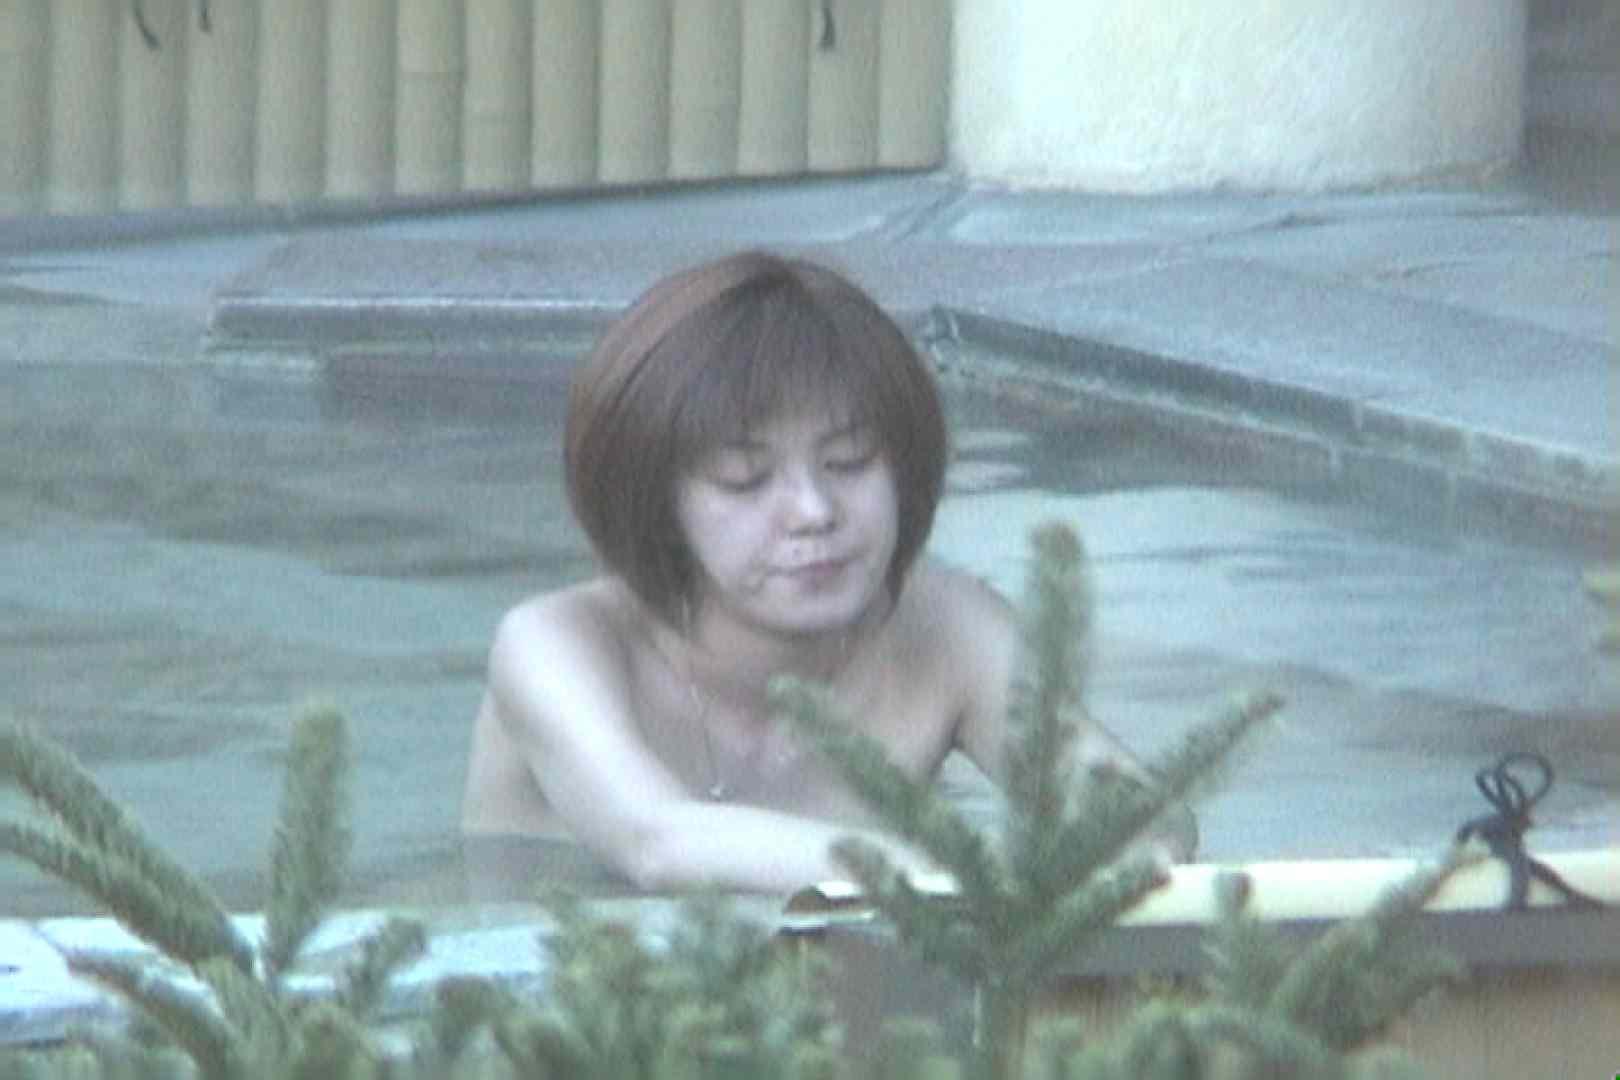 Aquaな露天風呂Vol.560 盗撮 | 露天風呂  46連発 34